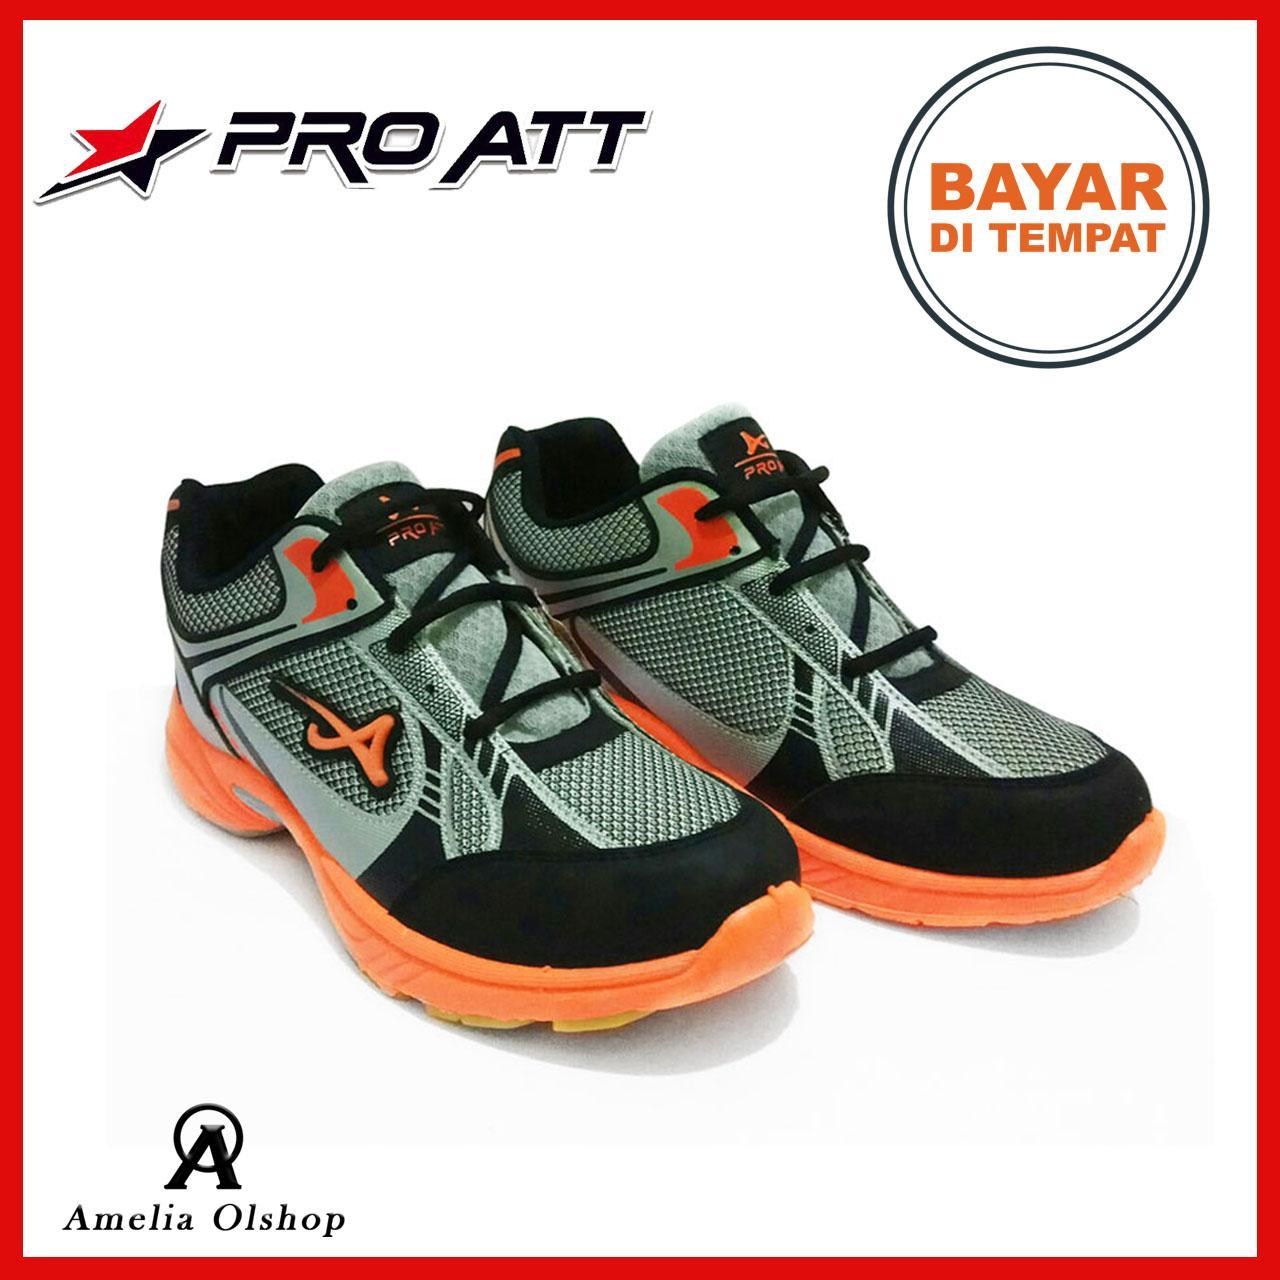 Amelia Olshop - Pro ATT Sepatu Sport   Sepatu Pria   Sepatu Olahraga Pro  ATT Original ae542dcf3c